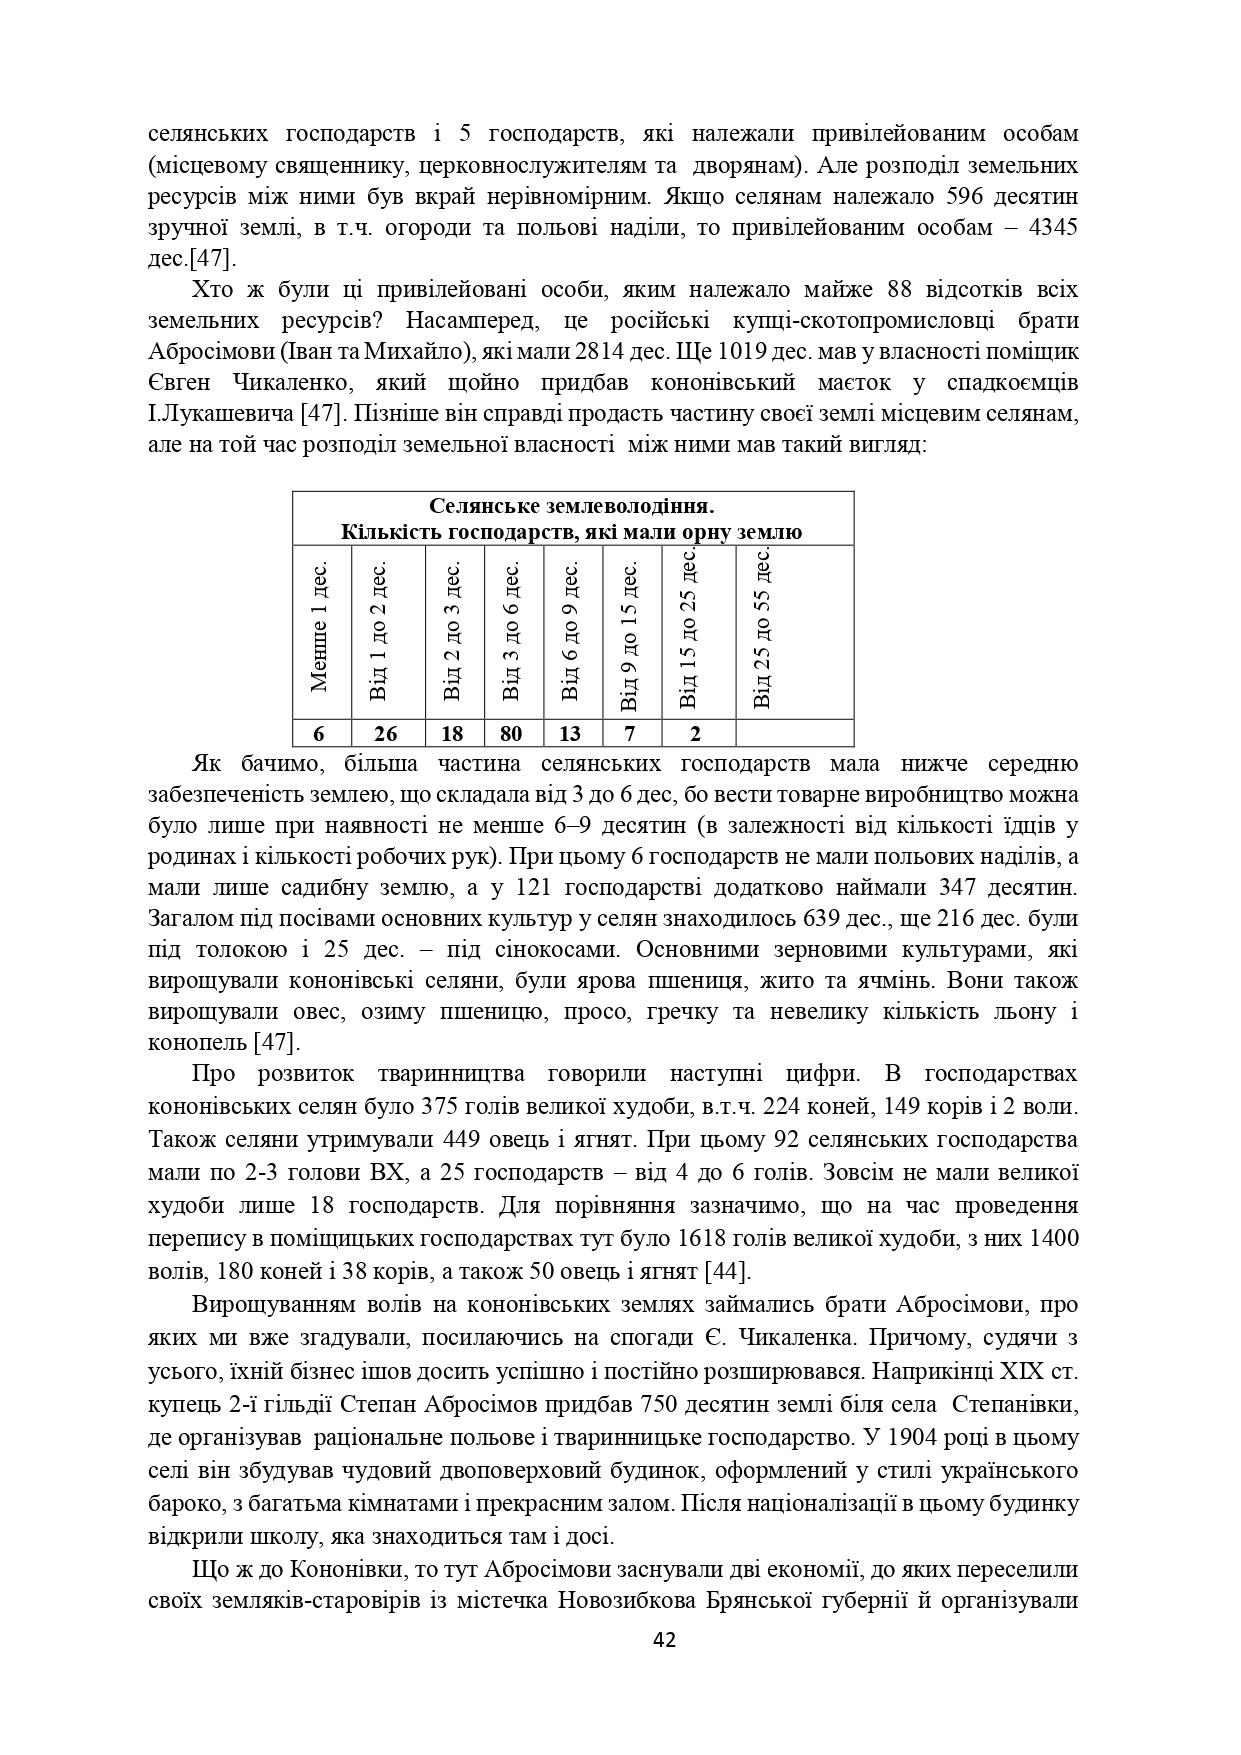 ІСТОРІЯ СЕЛА КОНОНІВКА 2021 (1)_page-0042